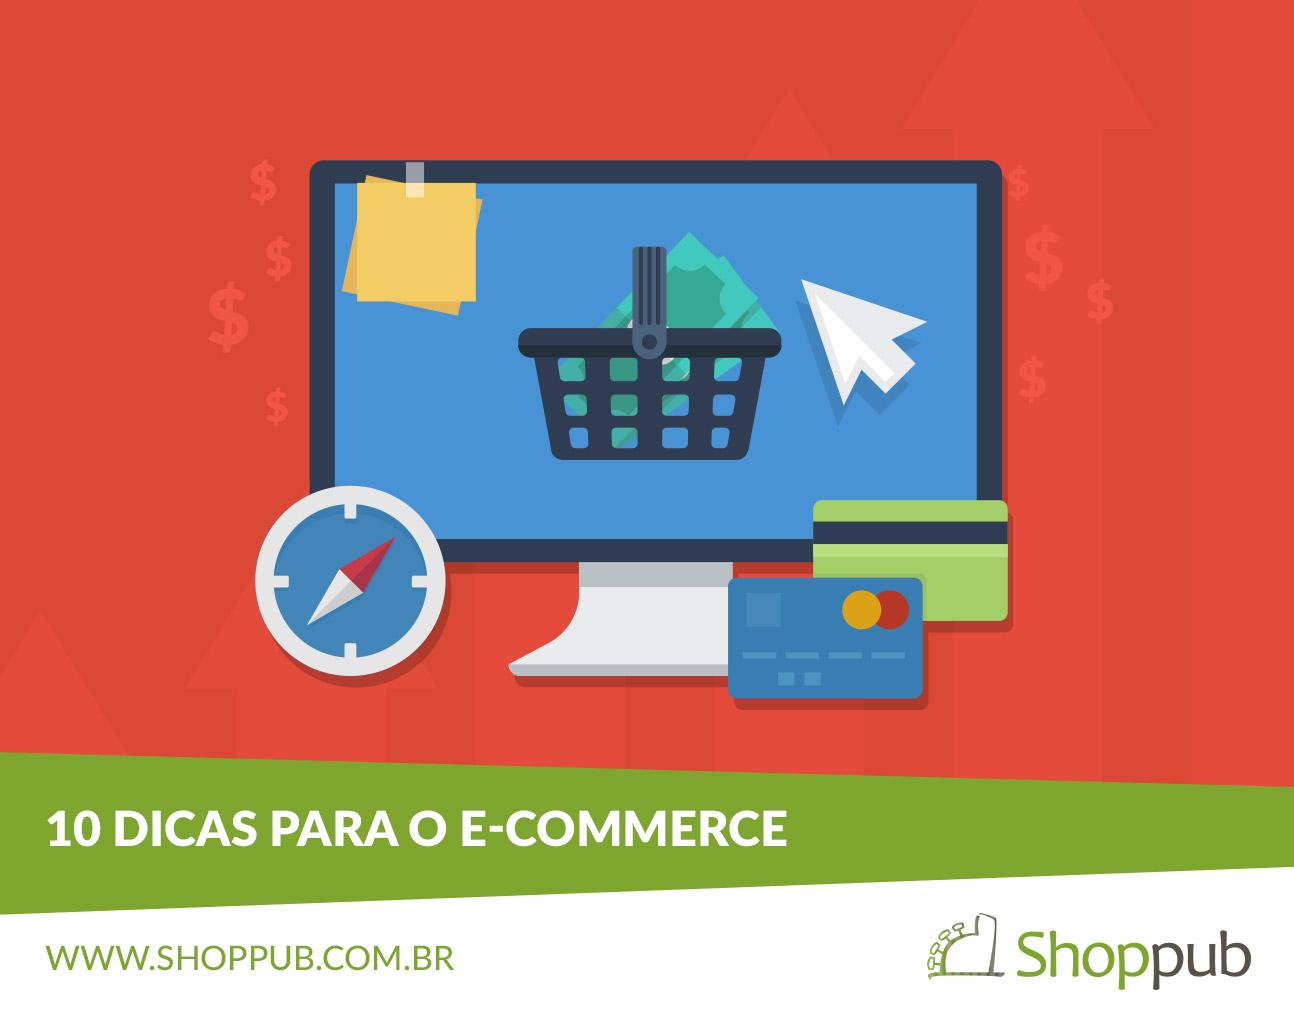 10 dicas para o e-commerce